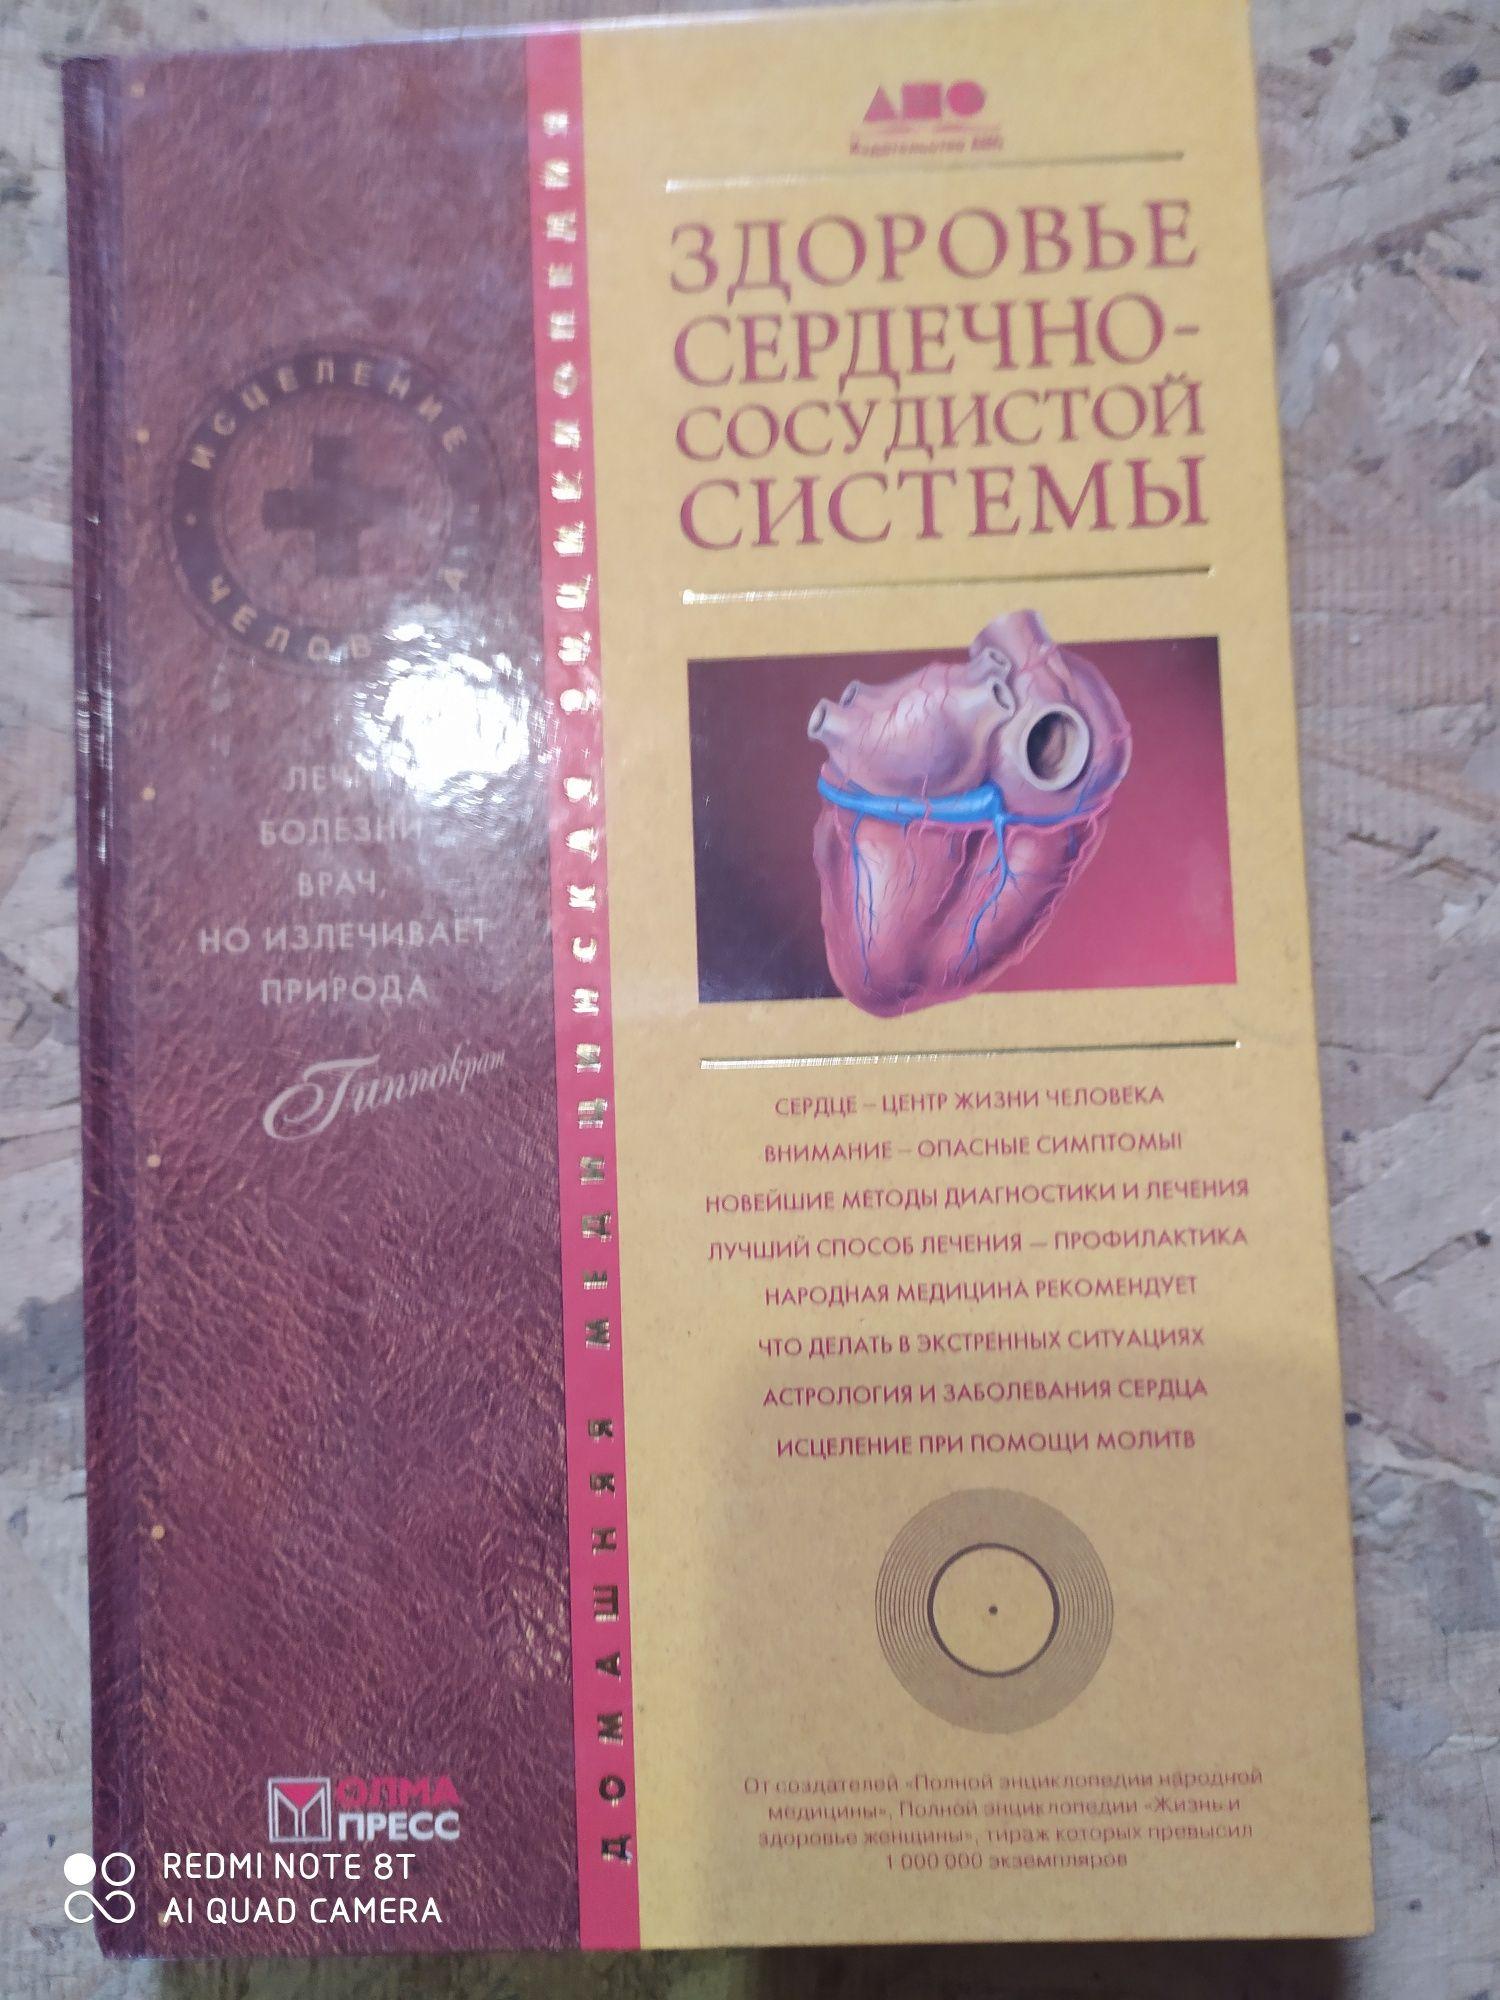 Справочник по кардиологии